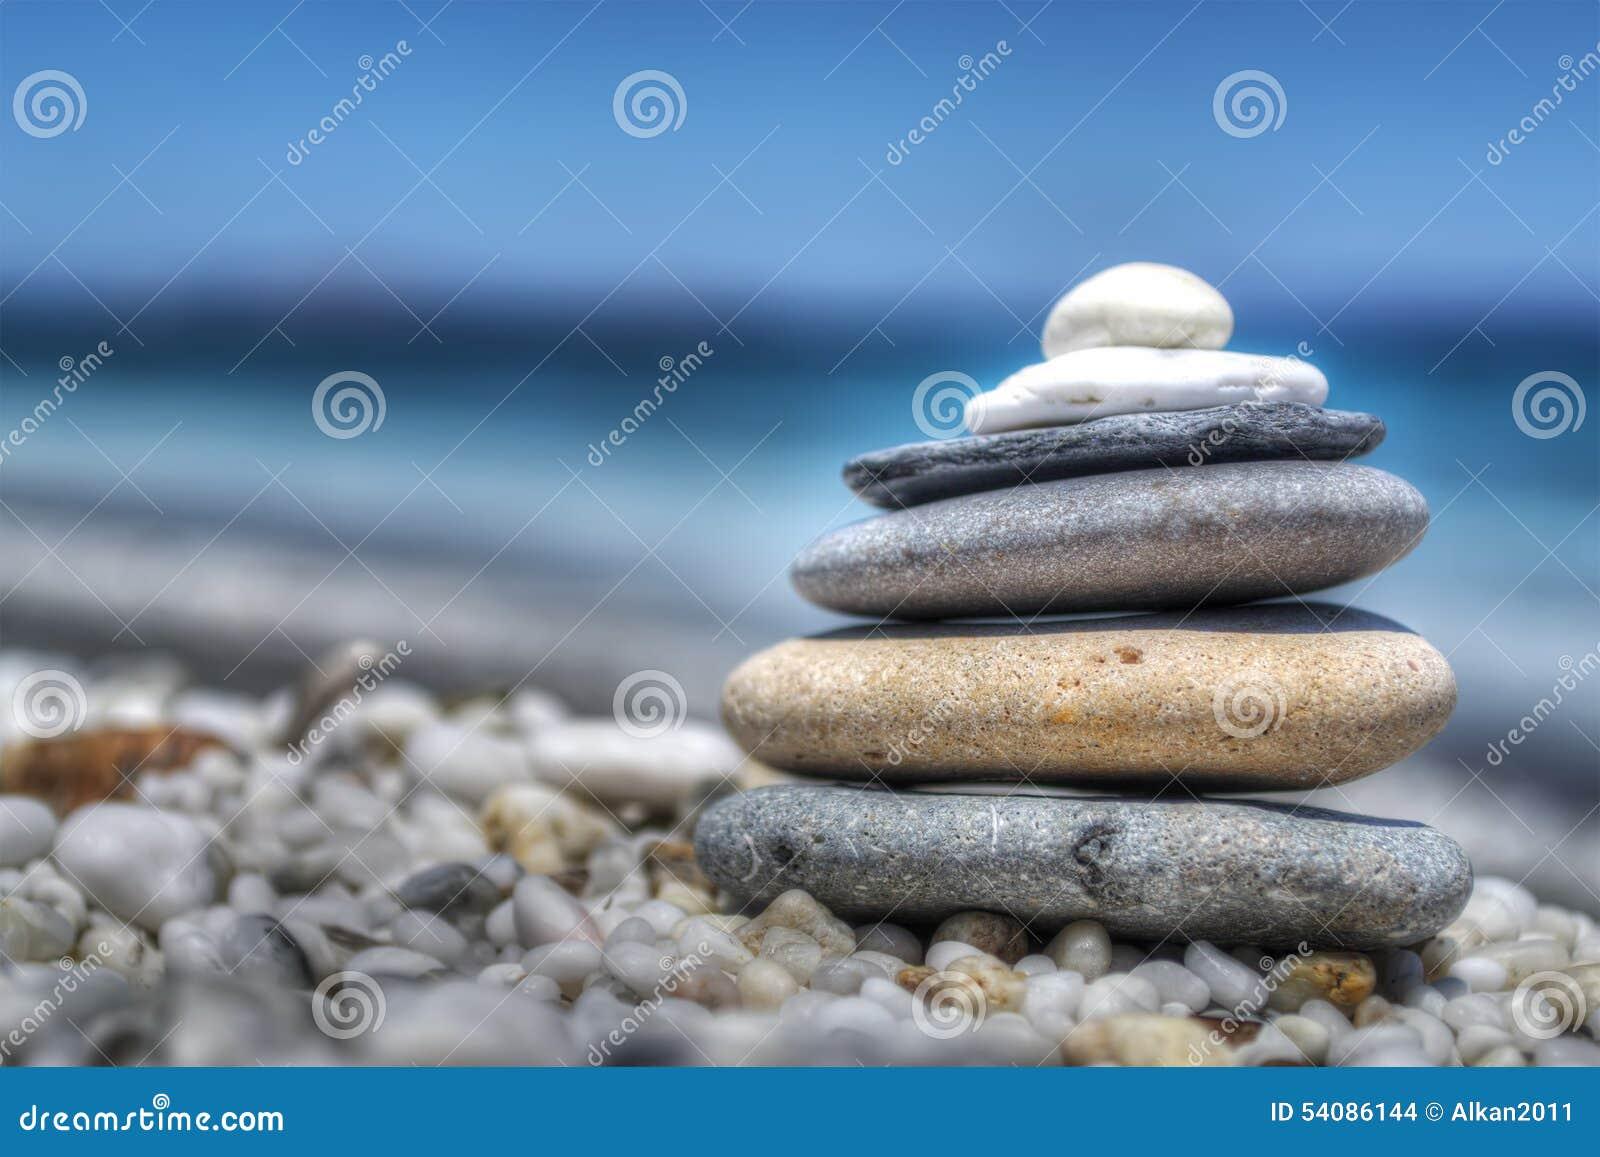 Stenenstapel op witte kiezelstenen door de kust